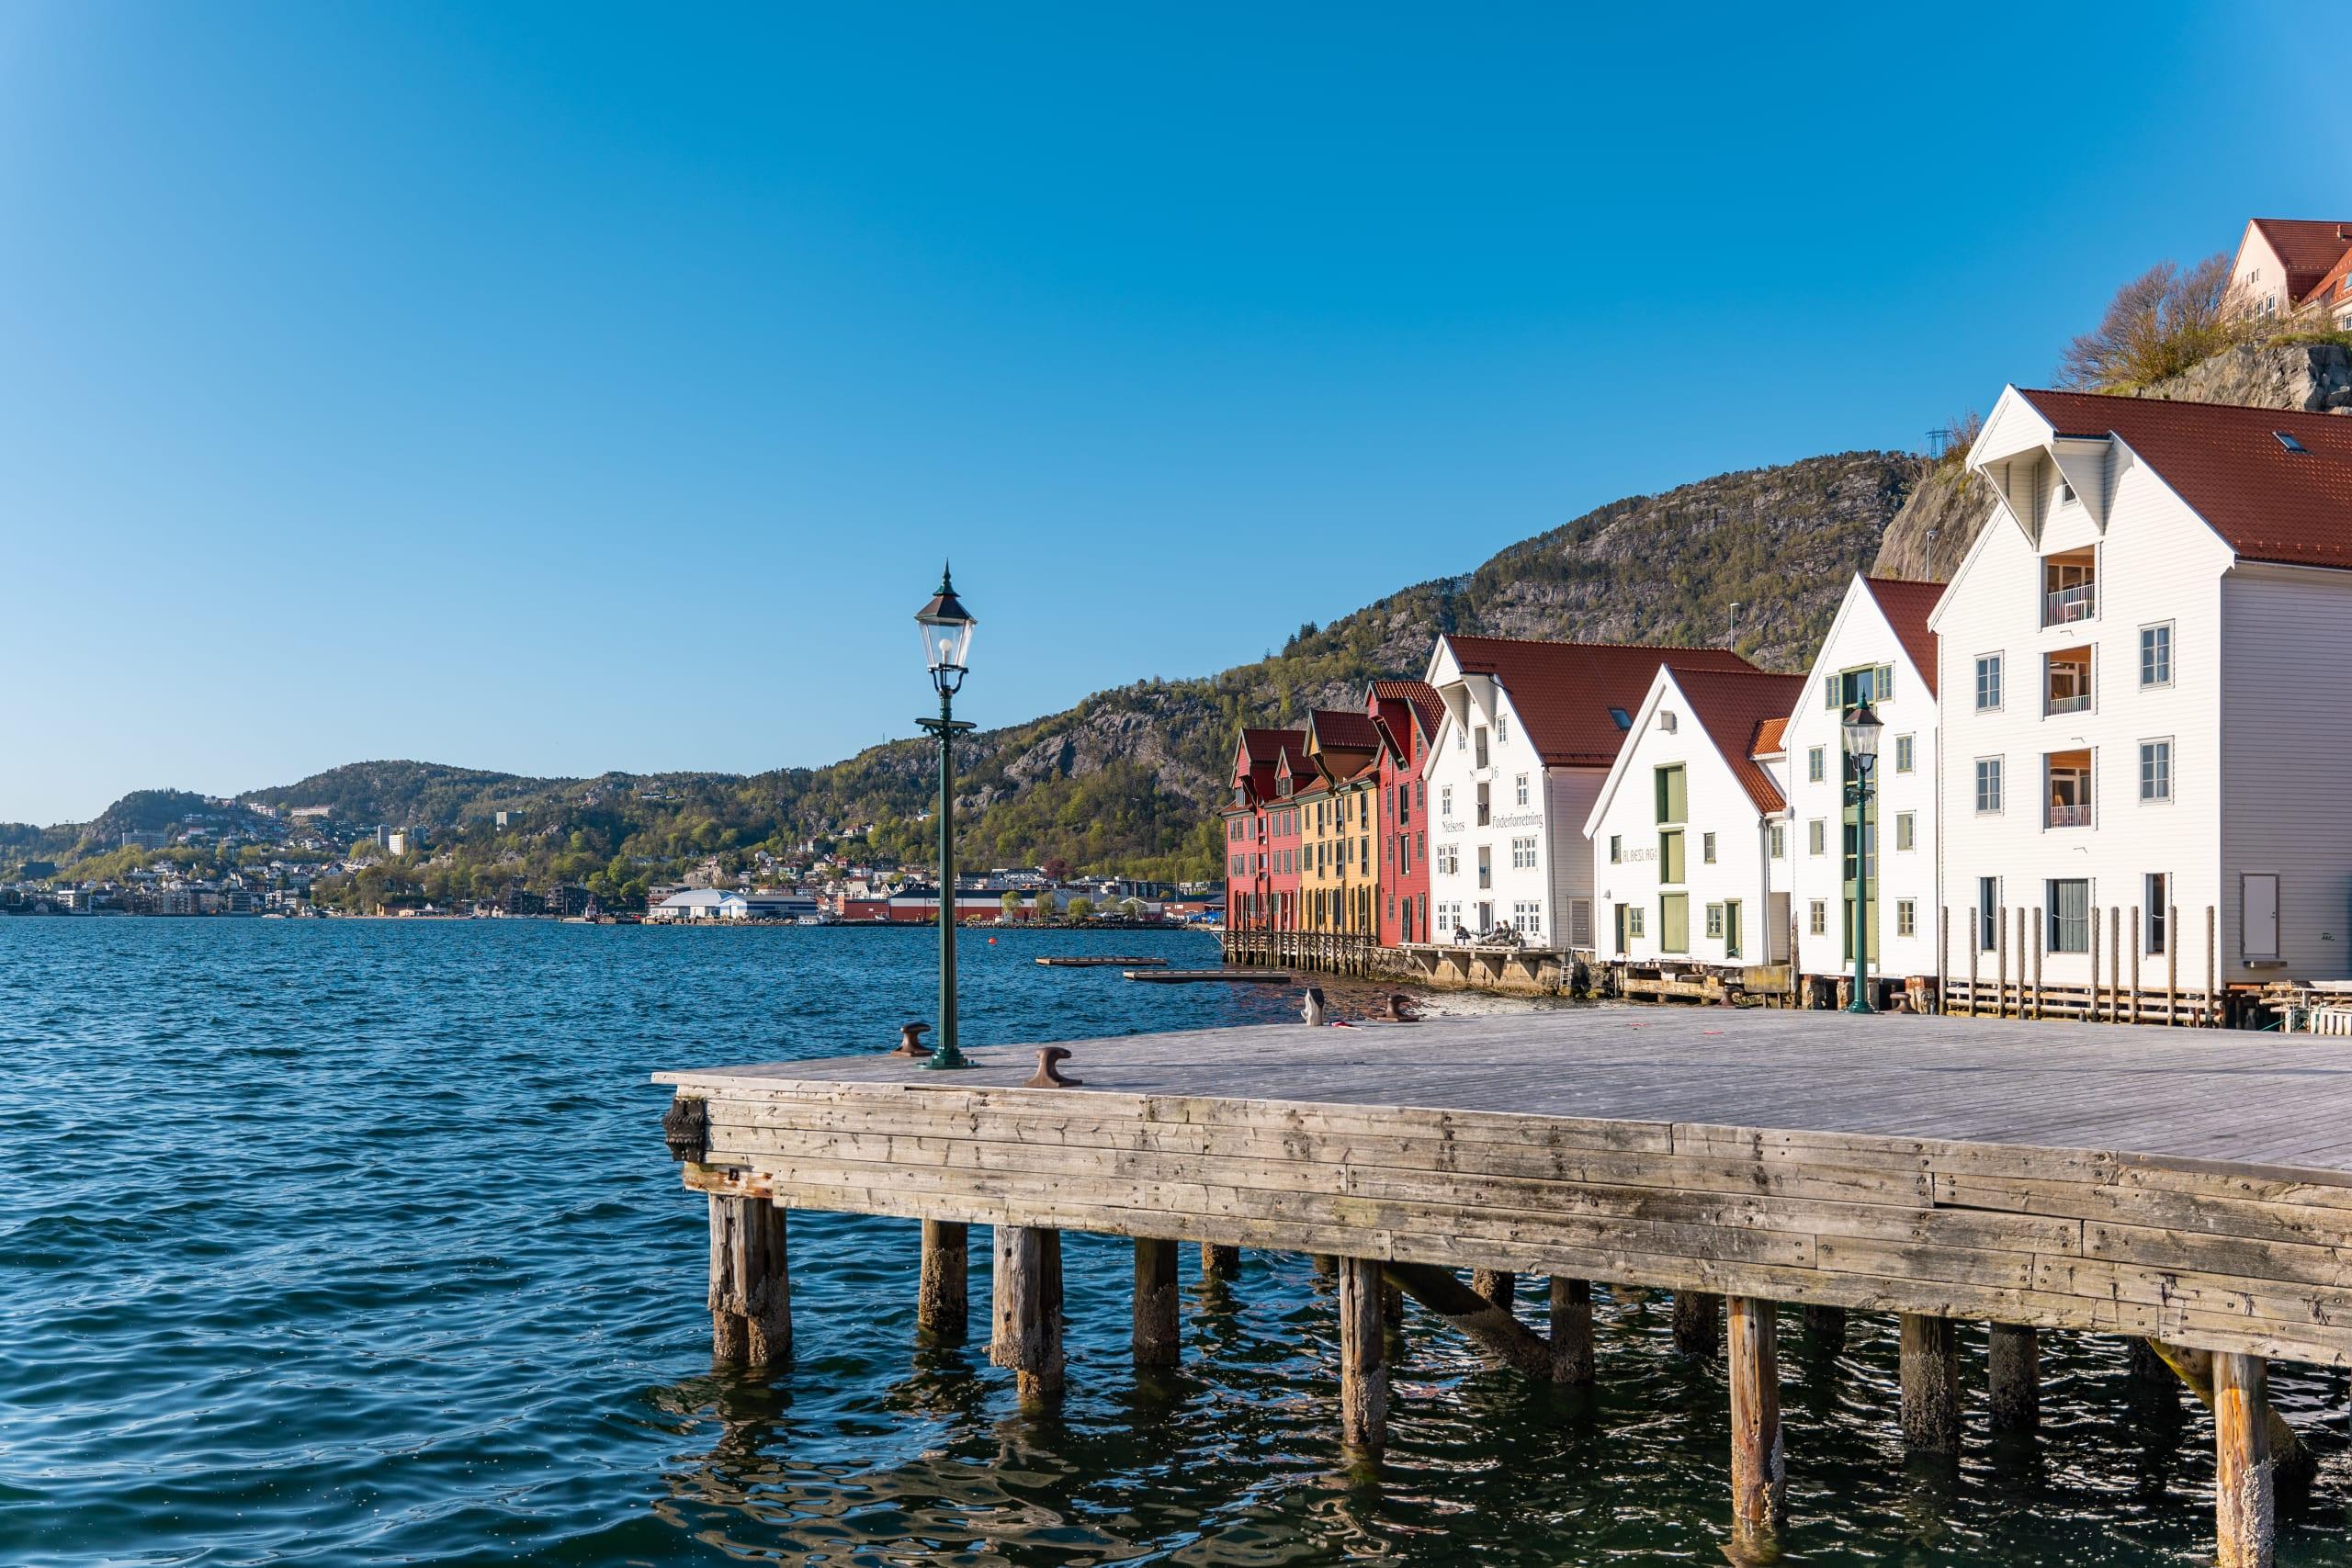 Skuteviken pier in Bergen